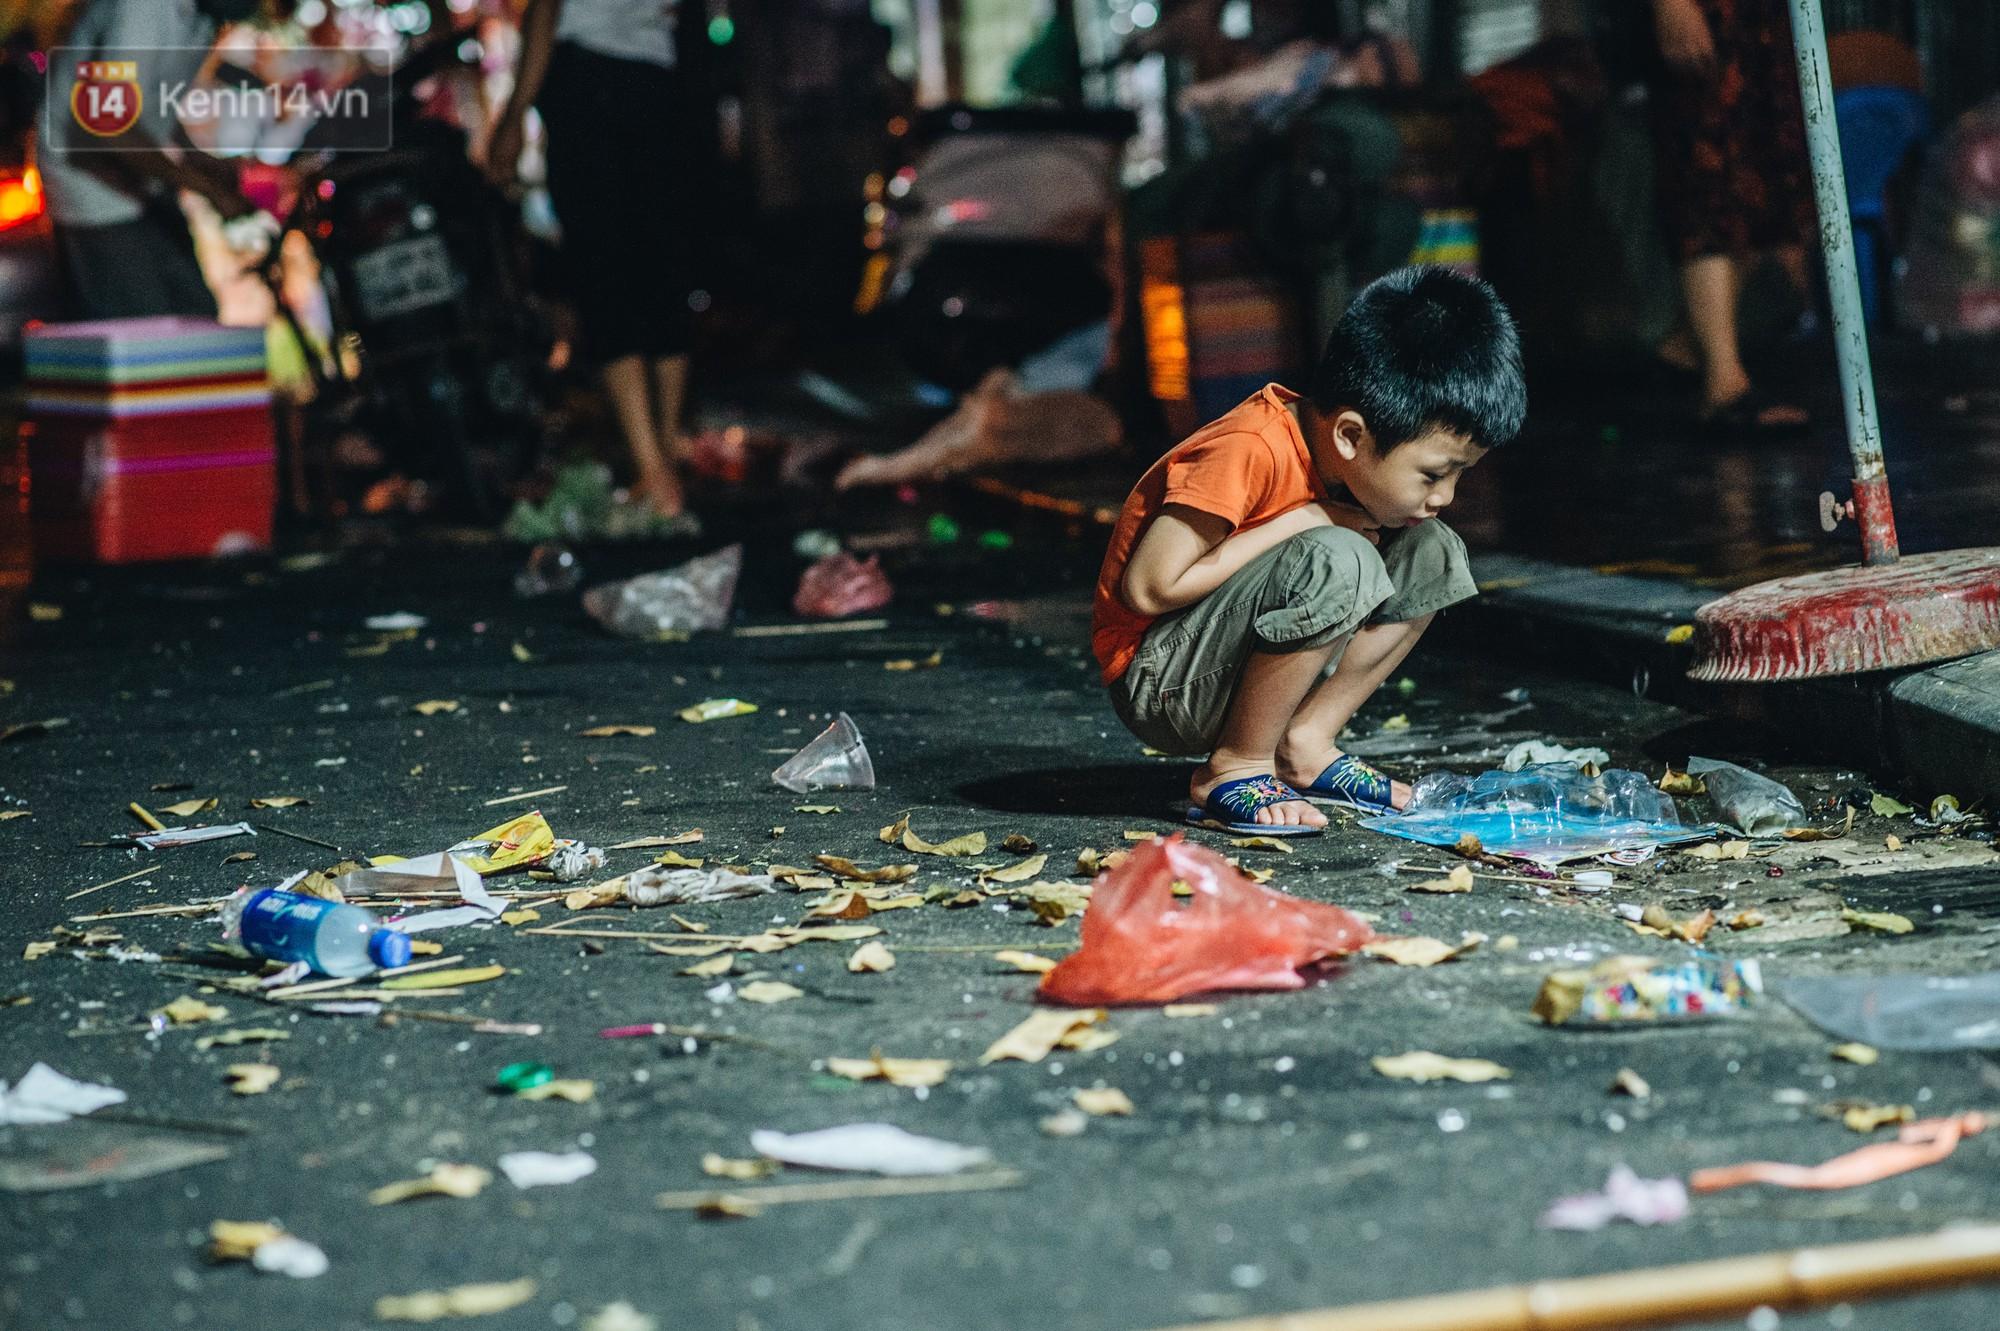 Sau Trung Thu, chợ truyền thống ở Hà nội ngập trong rác thải - Ảnh 6.